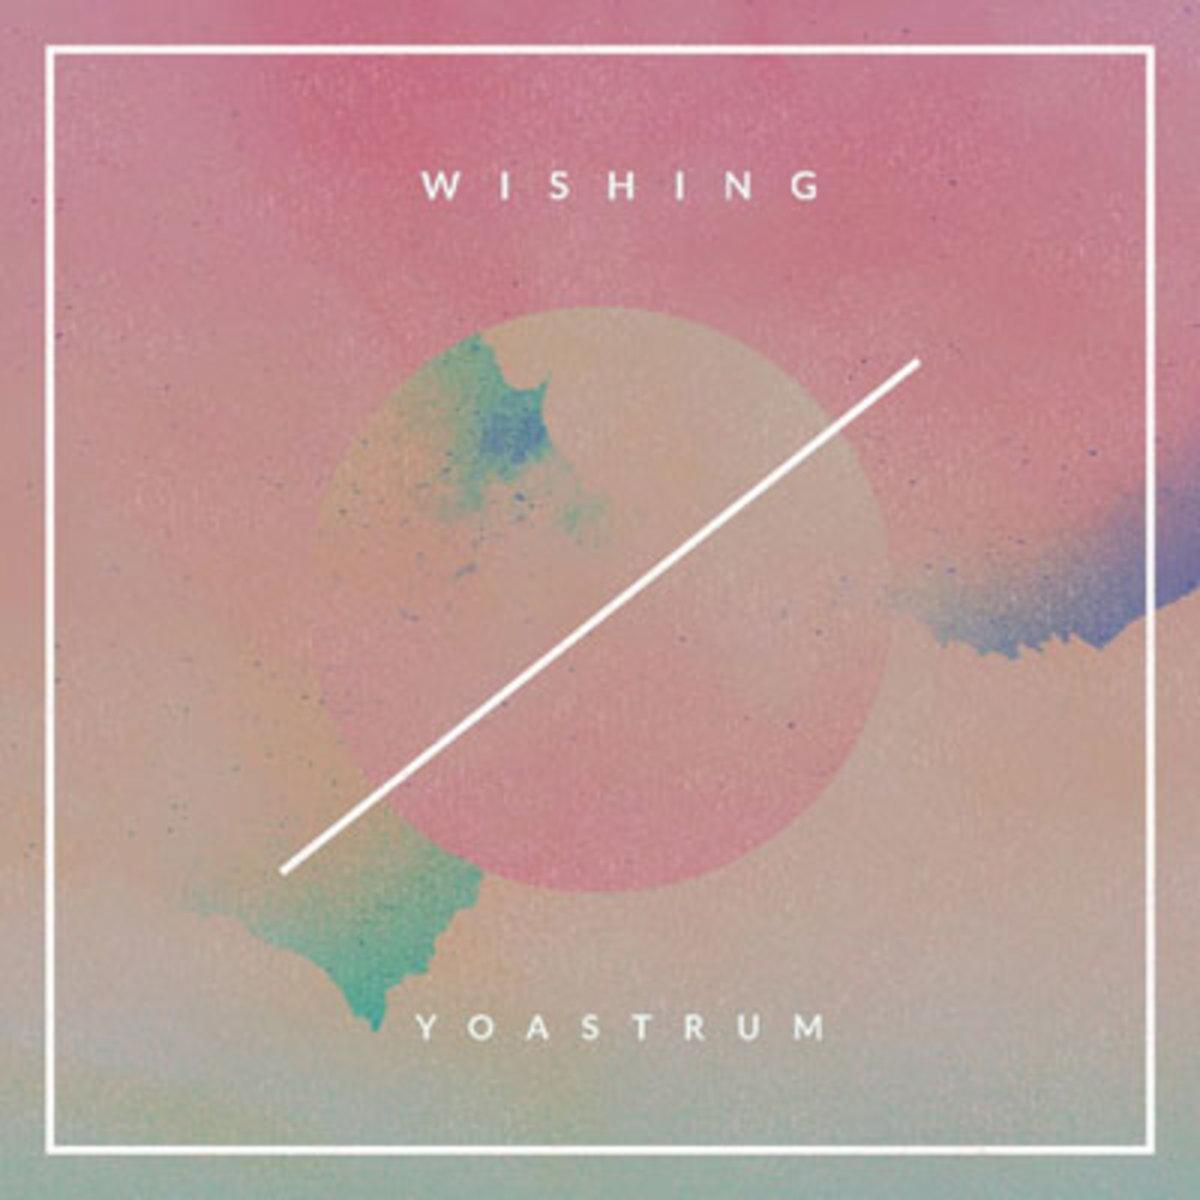 yoastrum-wishing.jpg